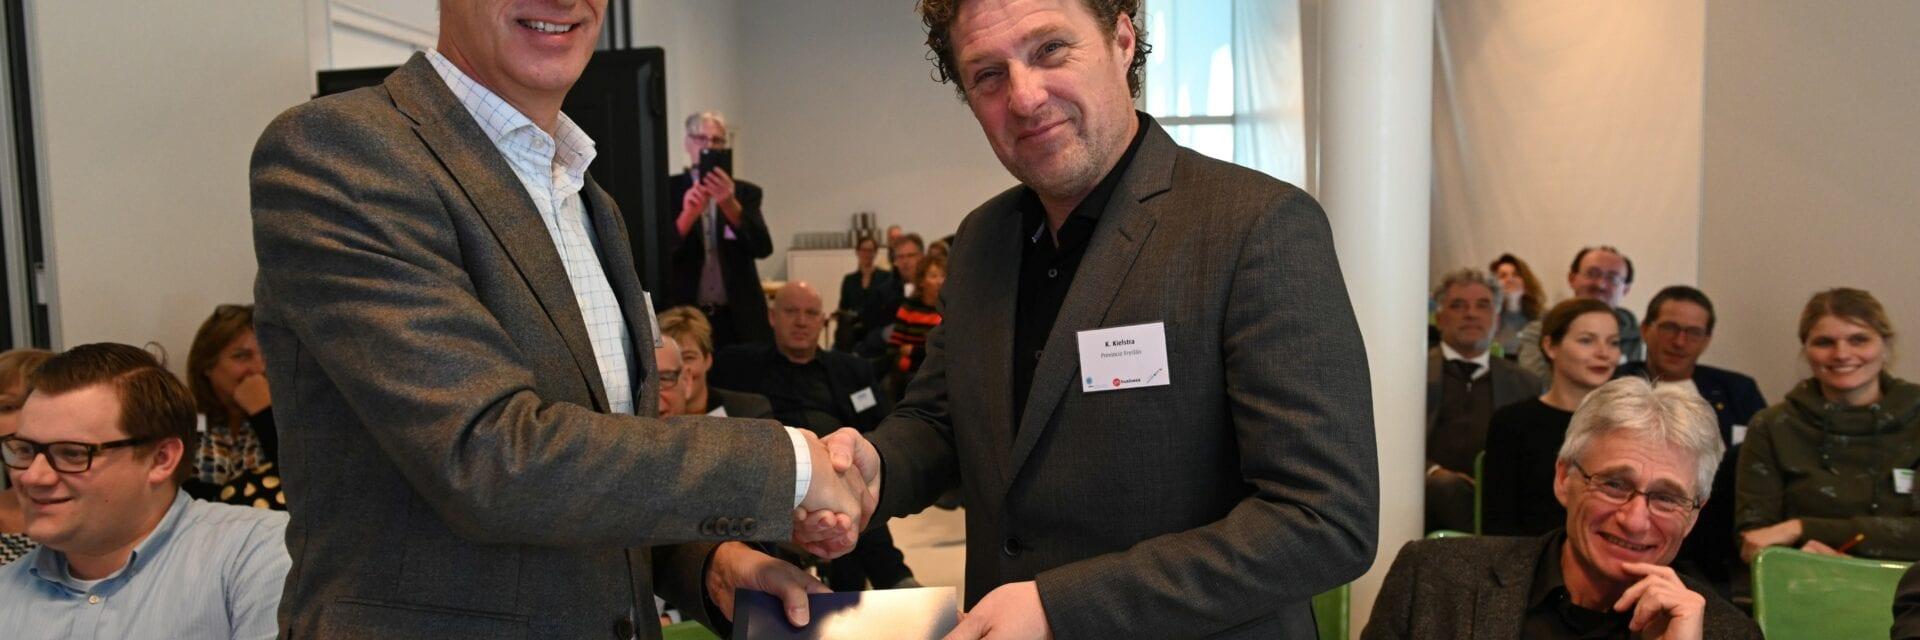 Symposium en handen schutten omdat de Afsluitdijk 700.000 bezoekers heeft getrokken in 2018. We zien een kamer vol mensen en twee mensen die handen schudden.